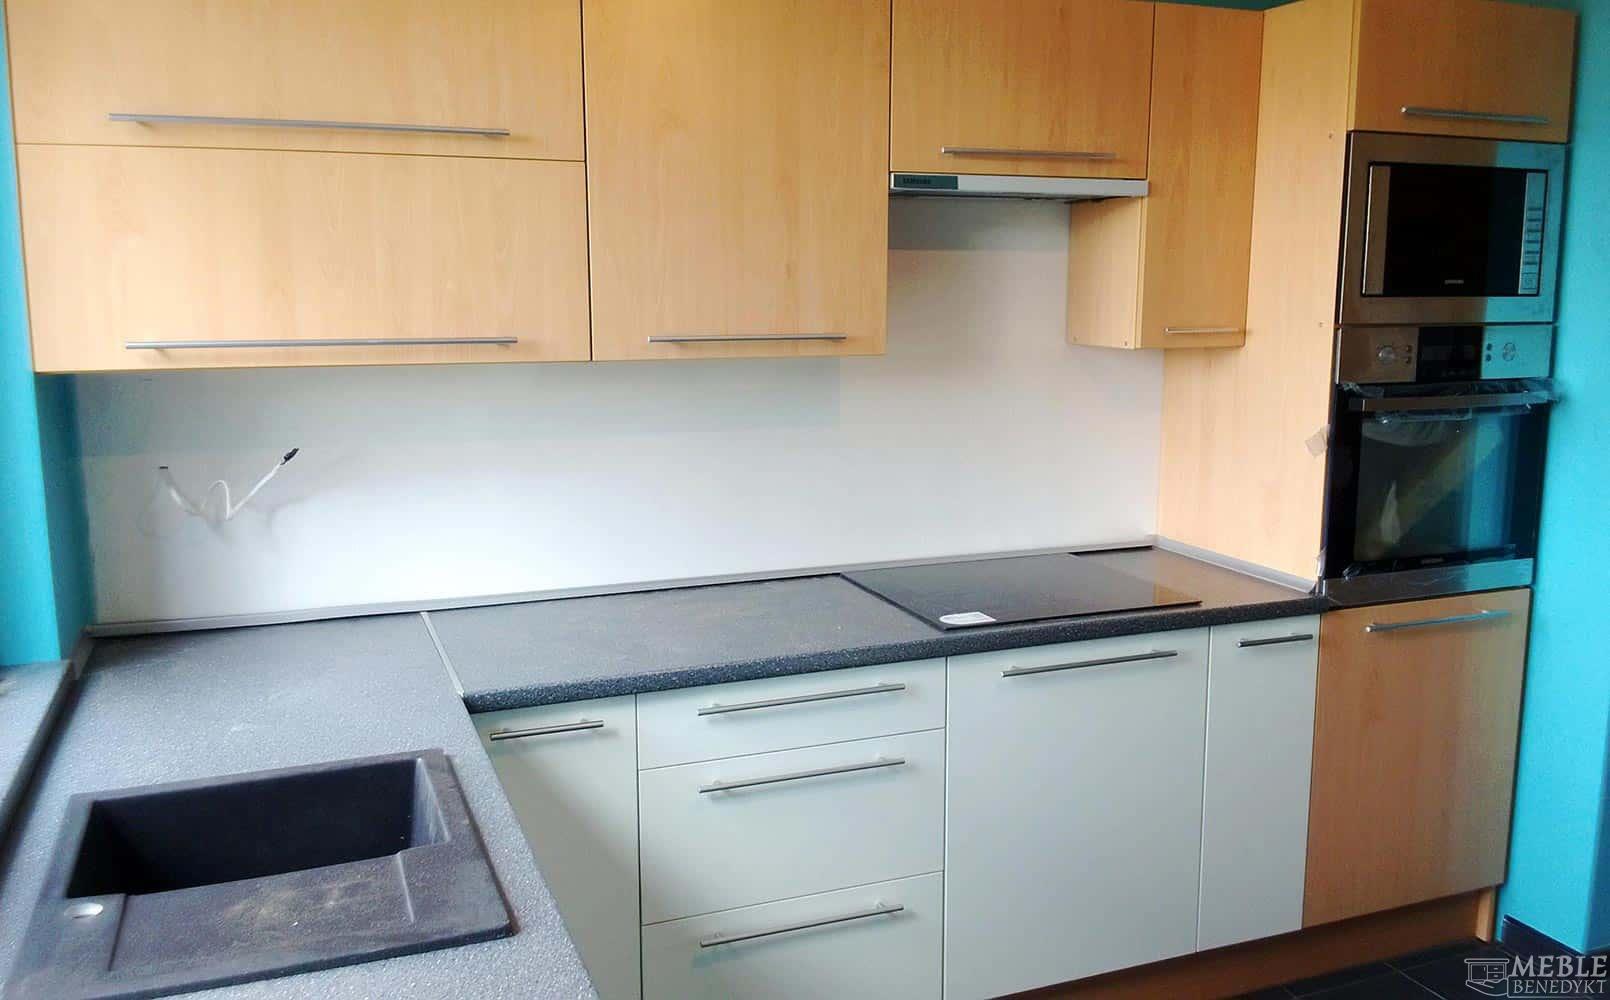 Projekty Szaf I Zabudowy Wnek Kategoria Kuchnie Na Wymiar Obraz